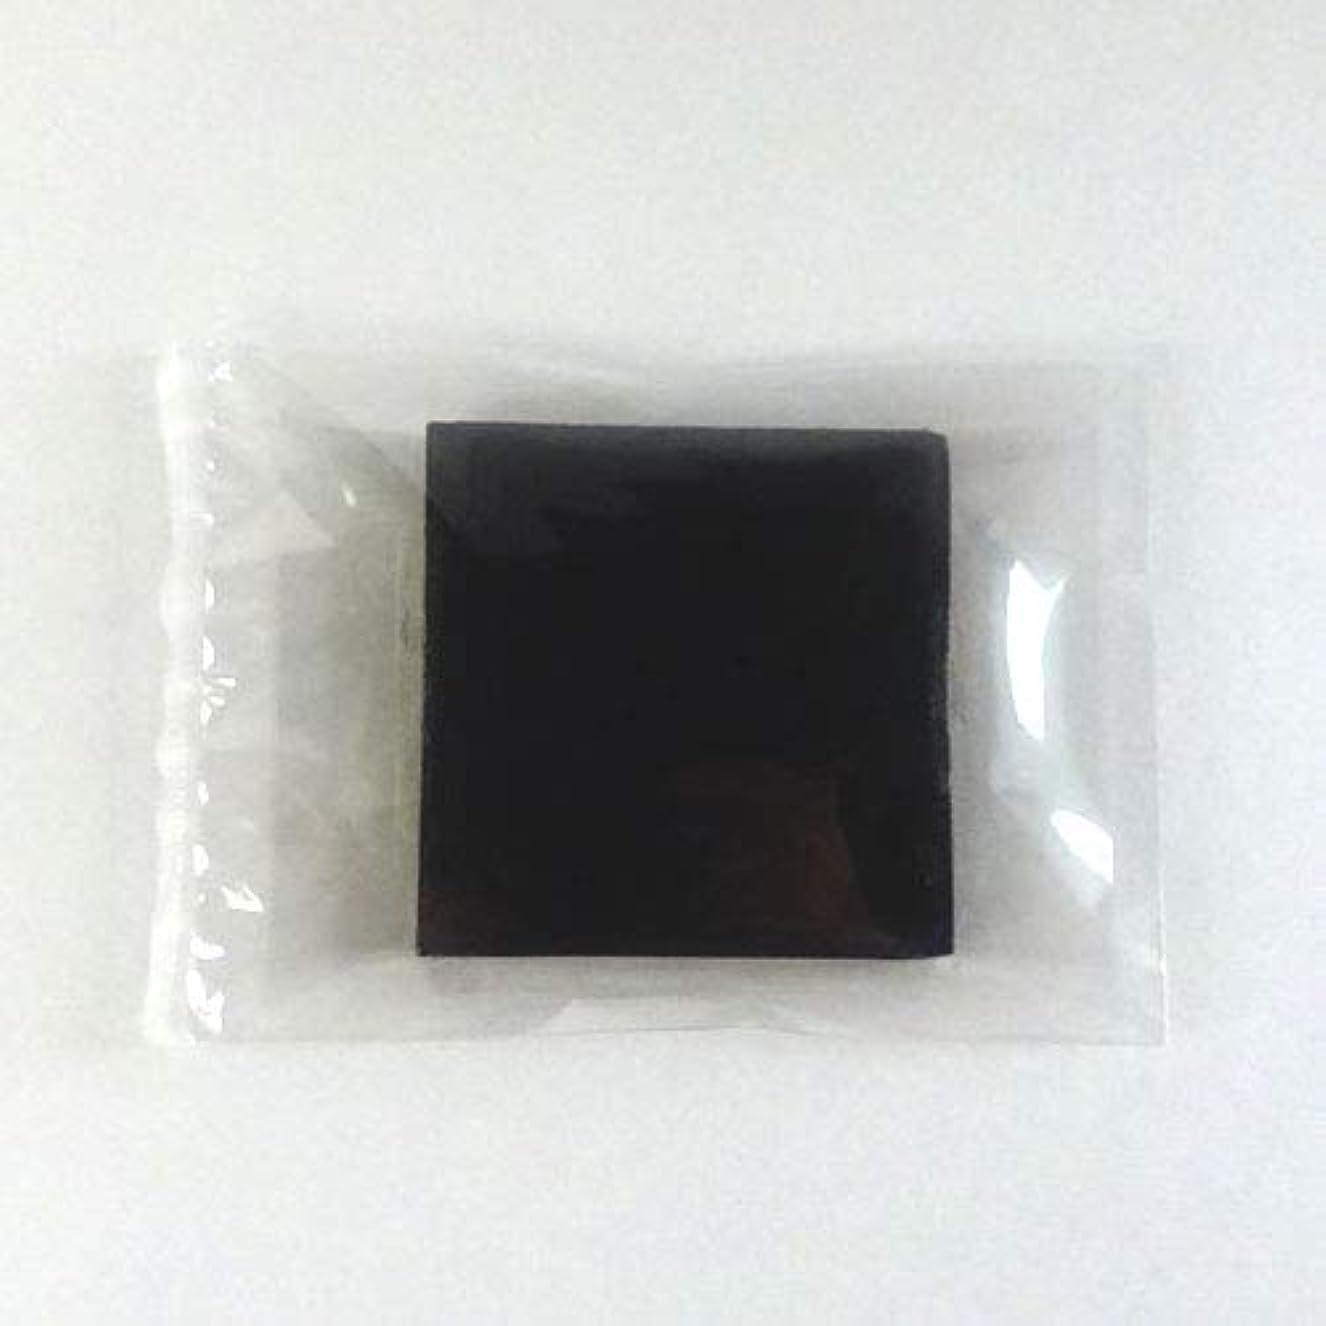 試みるリマーク批判的グリセリンソープ MPソープ 色チップ 黒(ブラック) 30g